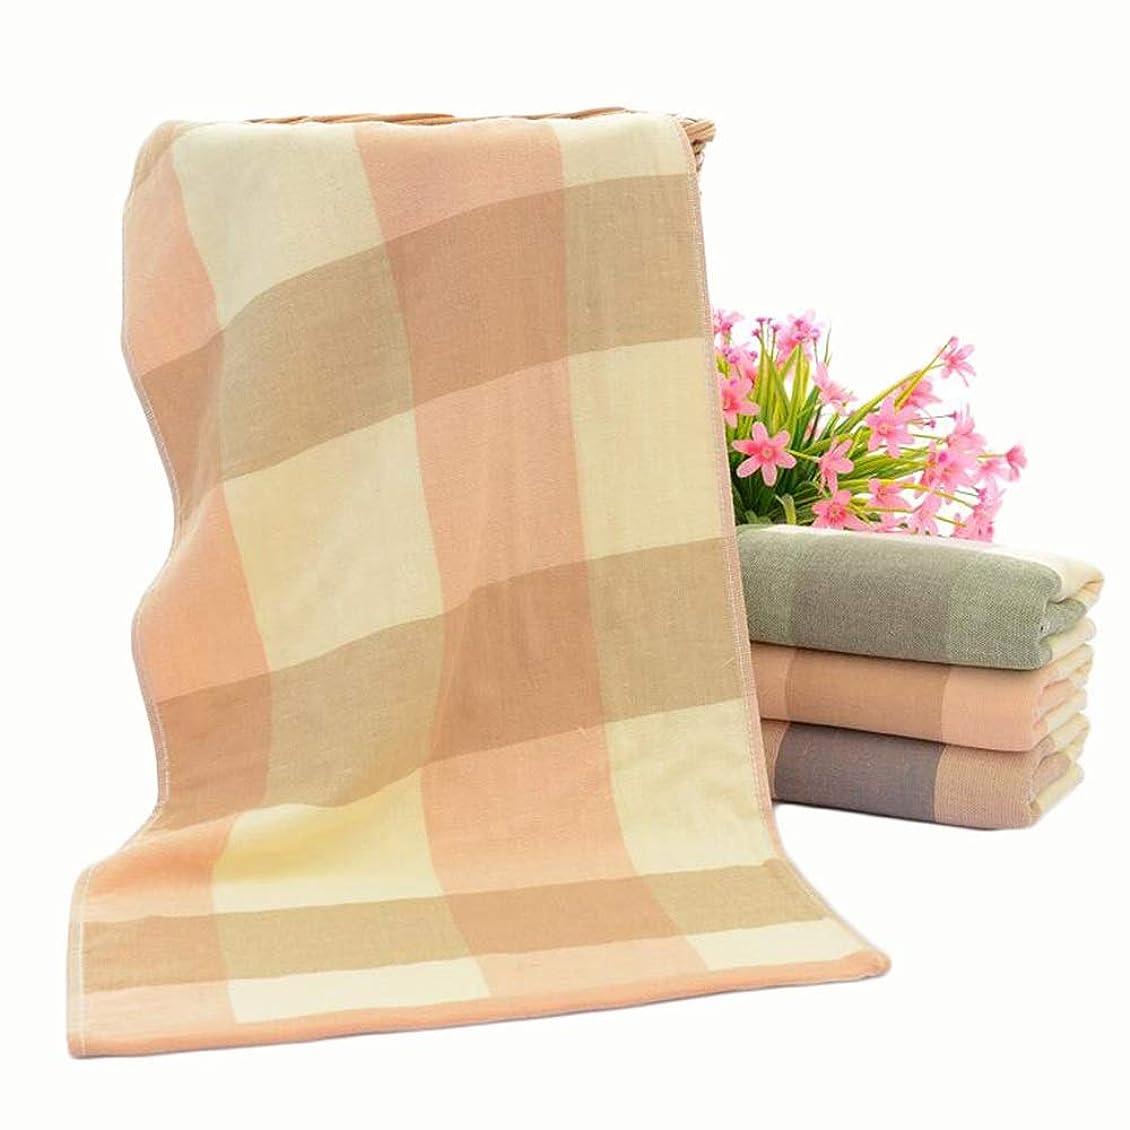 本当に断言する前提条件CXUNKK 2PCS / LOT家庭用増粘吸水市松模様生地タオル綿タオル (Color : Pink, Size : 35*75)